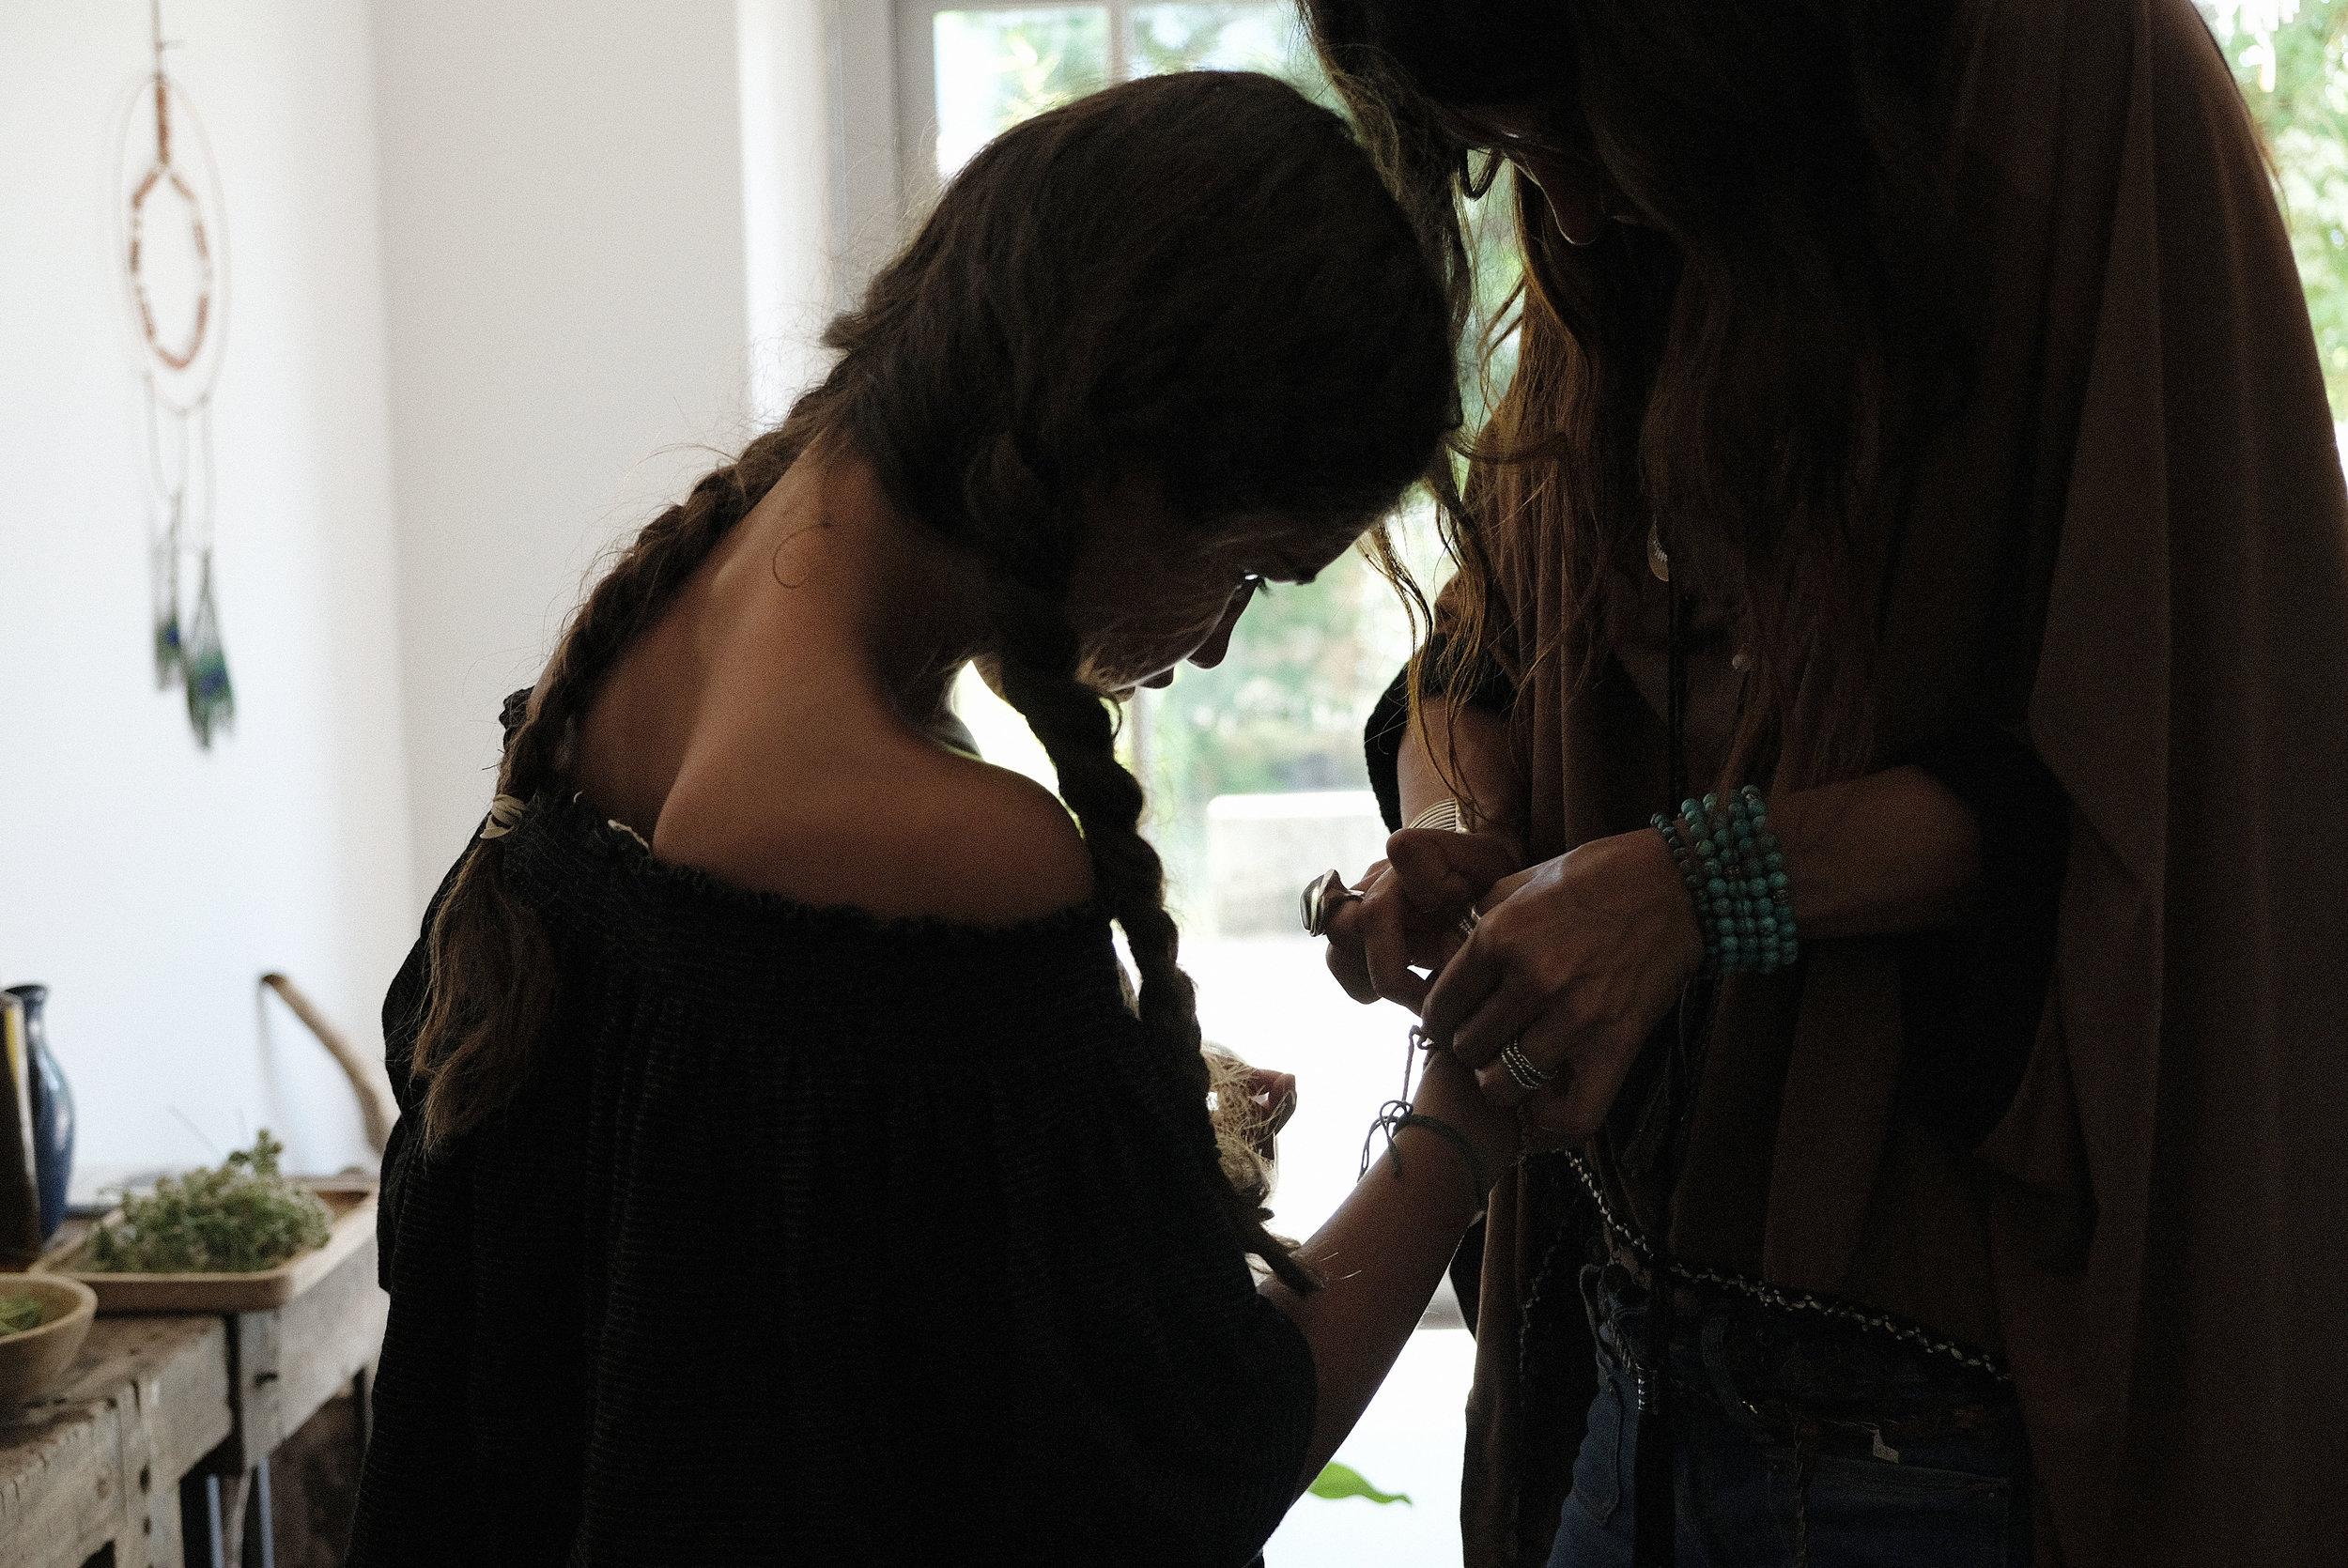 un art de vivre incarné - J'ai continué à apprendre, à expérimenter, à observer. Garder ce lien vivant. Au coeur de nos vies. Un retour aux sources essentiel alors que le monde moderne ne me permettais plus de vivre en harmonie.Les herbes vives manifestent un art de vivre à transmettre comme un fil d'or.A nos enfants, aux générations à venir, aux femmes.